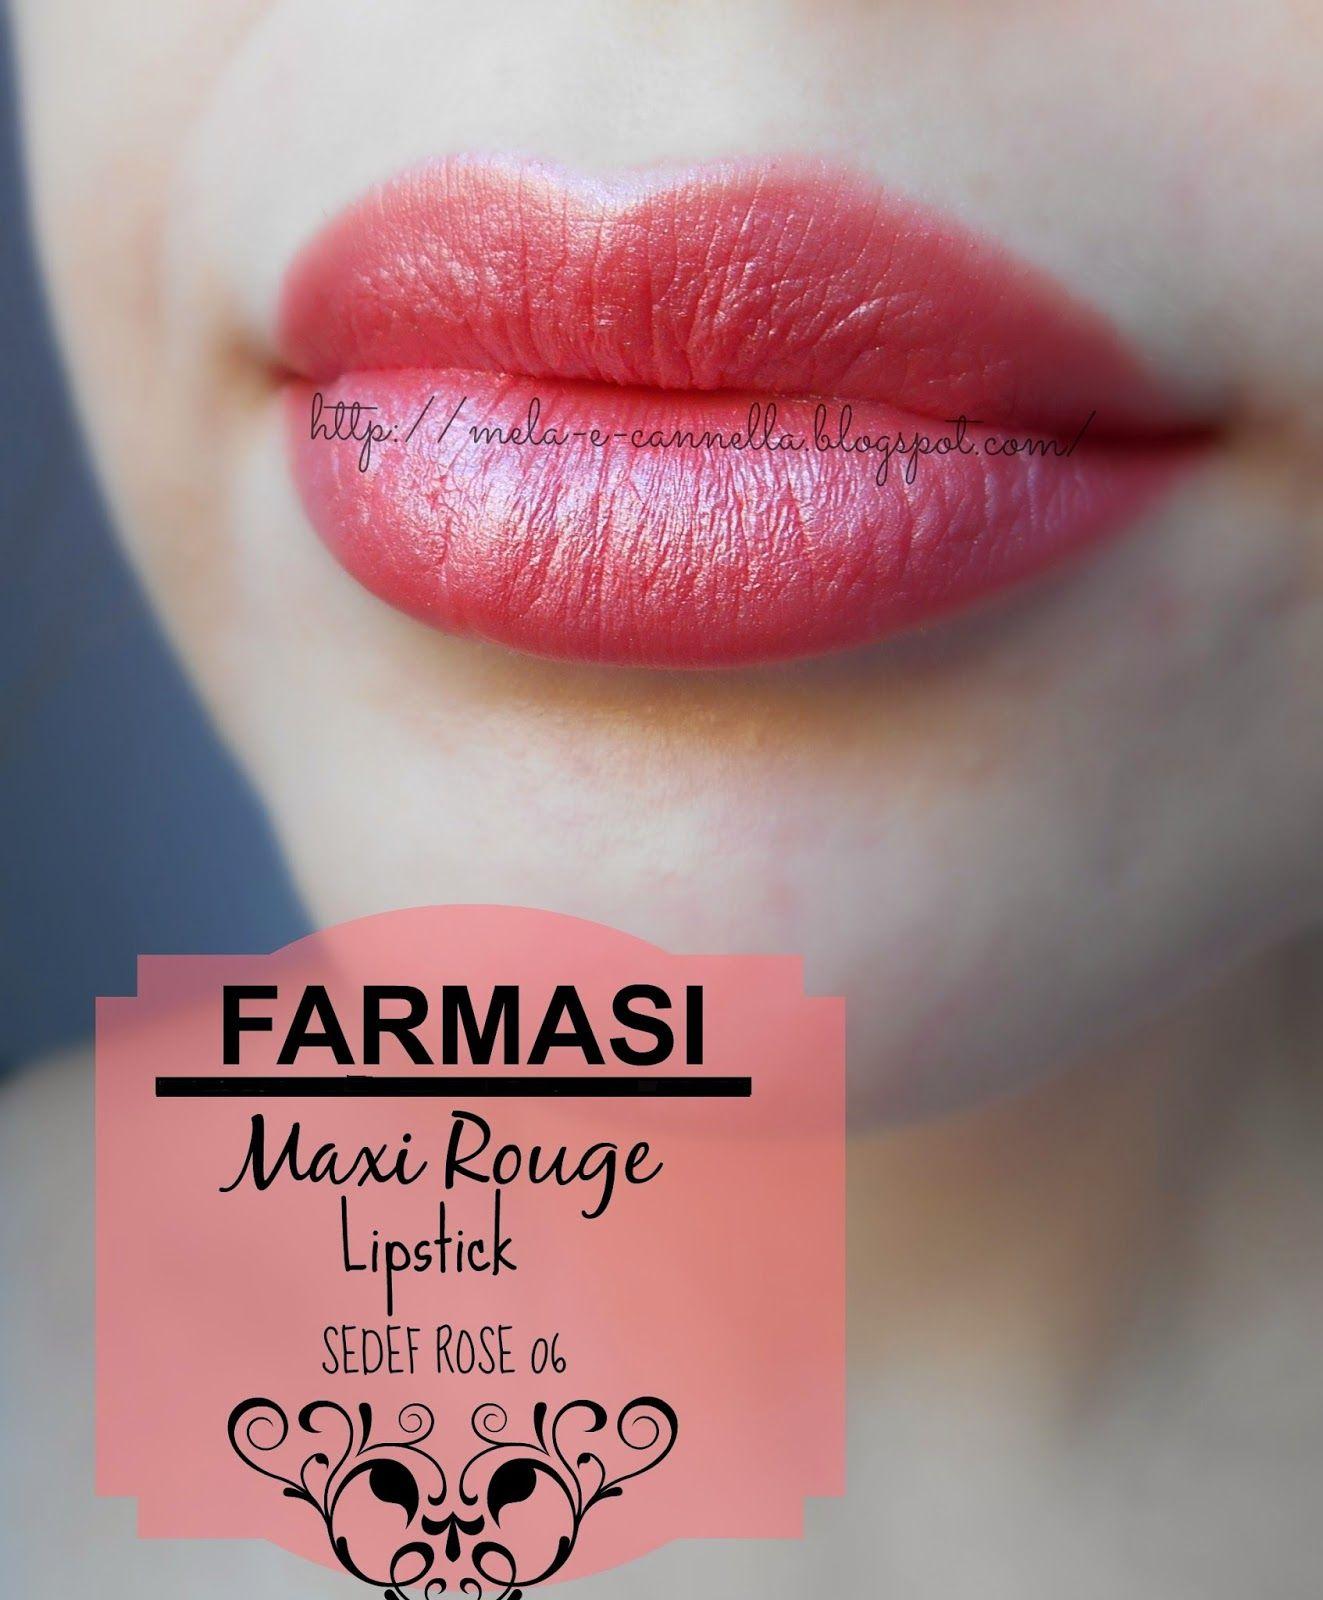 FARMASI Maxi Rouge Lipstick Sedef Rose 06 Rujlar, Ürünler